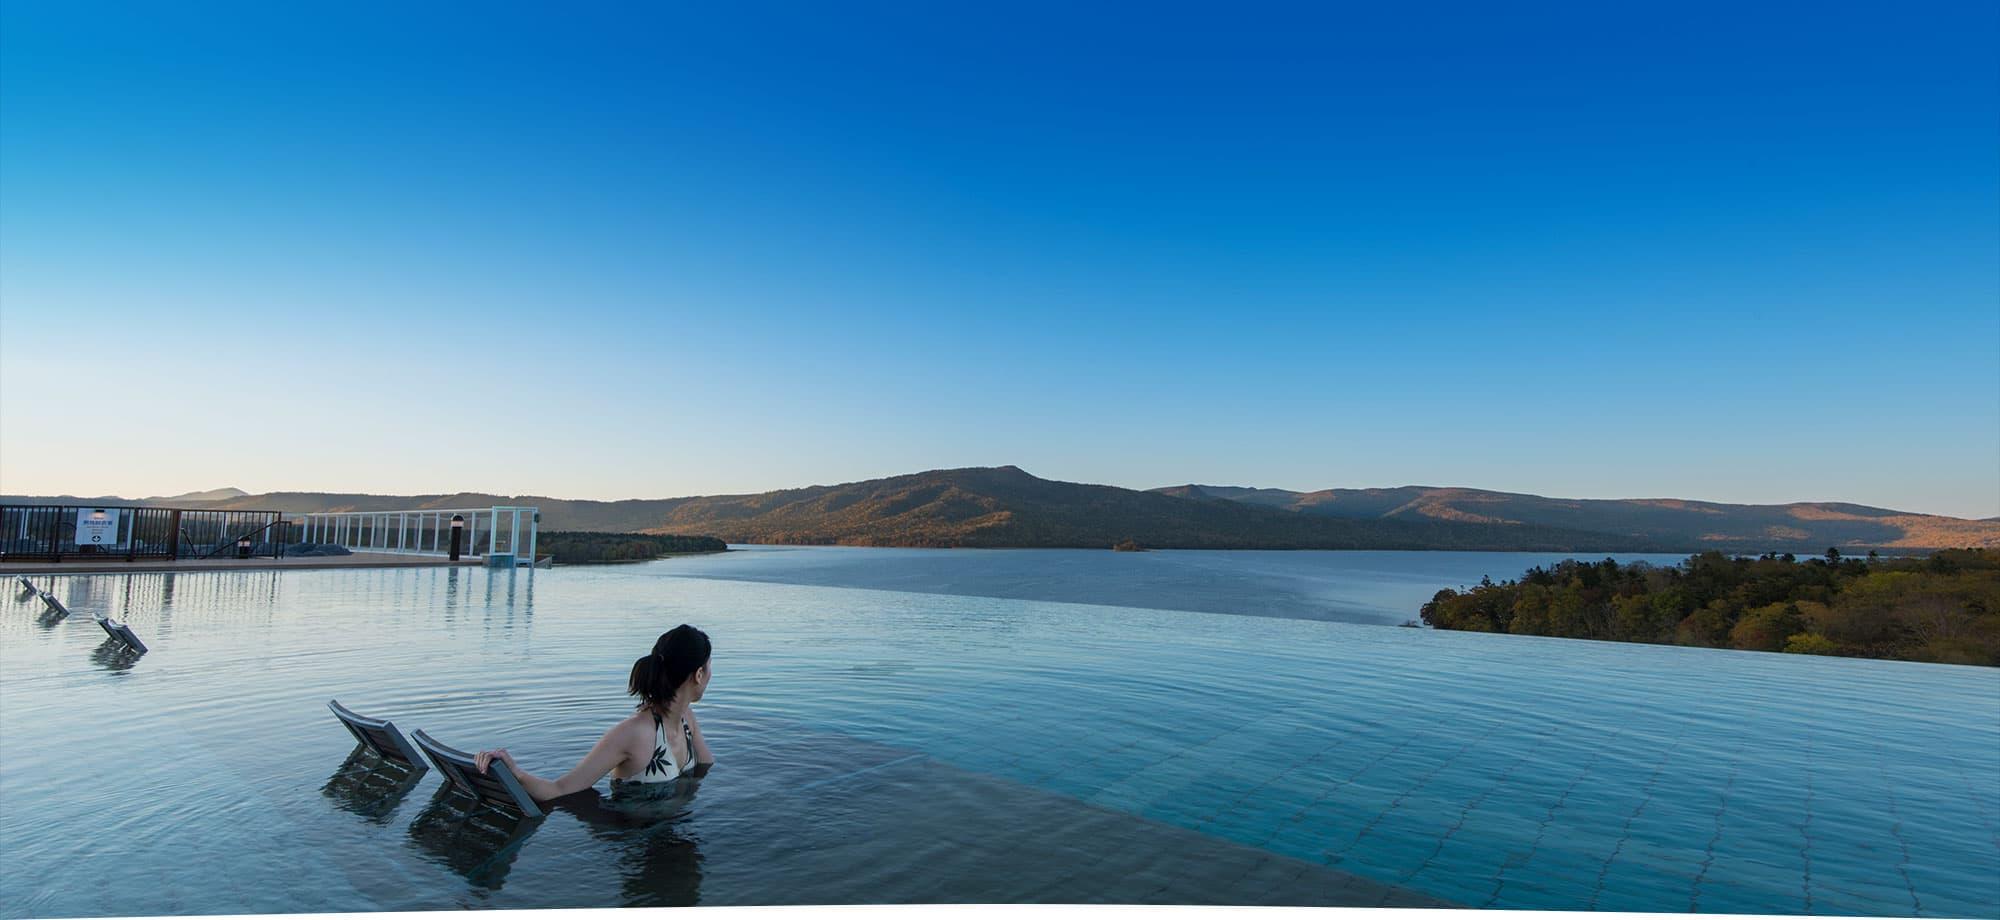 新阿寒飯店 与阿寒的大自然结合为一体森林湖泊度假區